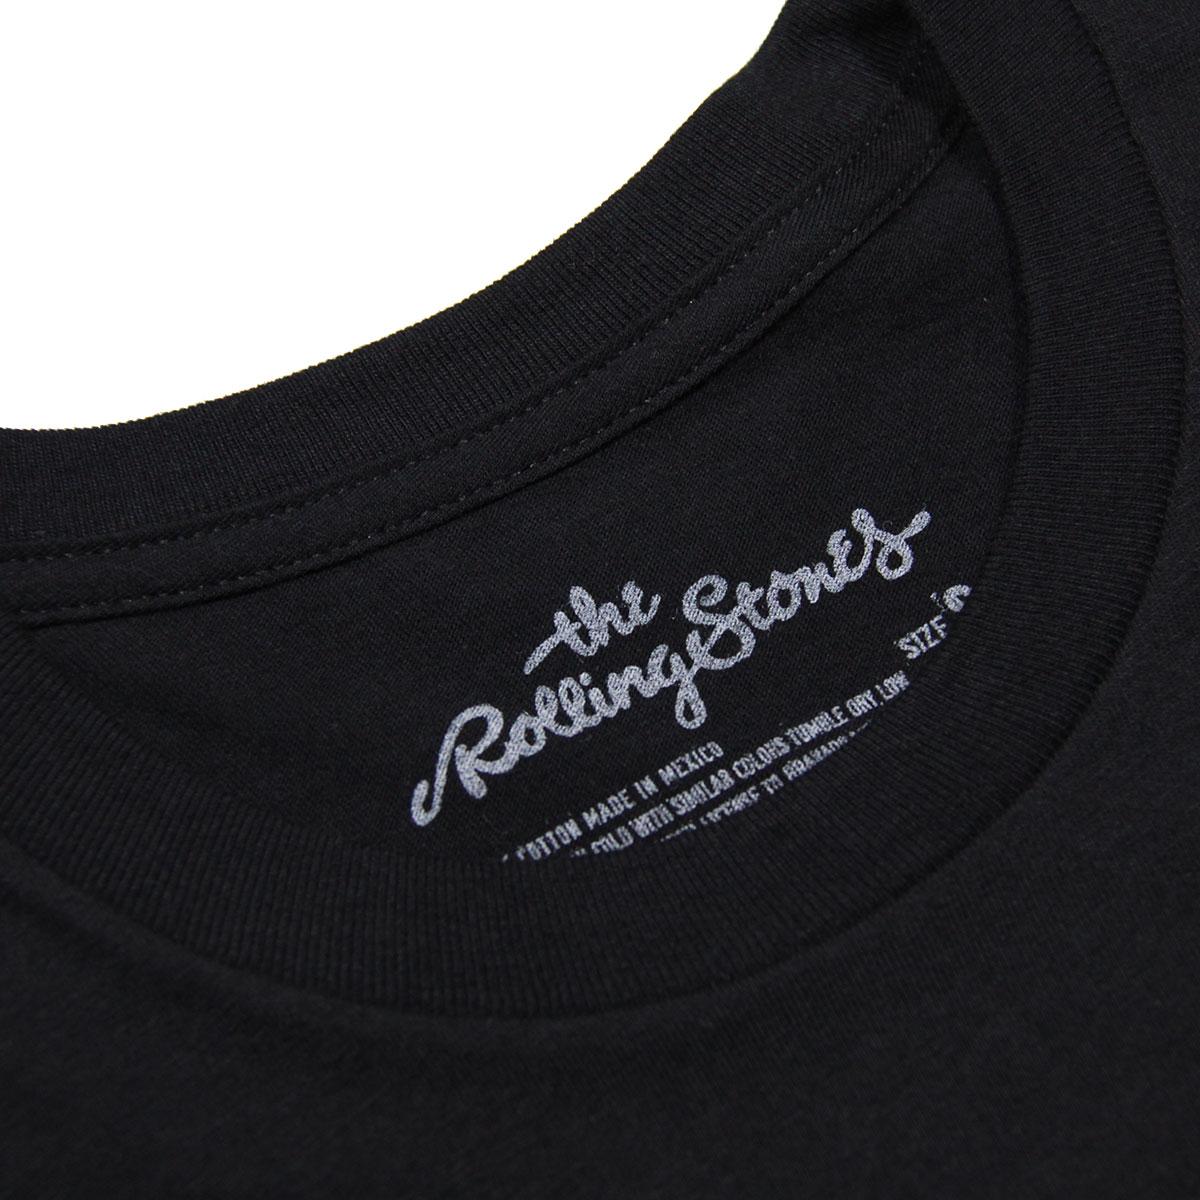 ミュージックティ バンドTシャツ メンズ 正規品 MUSIC TEE フォトT ロックTシャツ 半袖Tシャツ ザ・ローリング・ストーンズ キース・リチャーズ THE ROLLING STONES KEITH SMOKE MUSIC TEE AB5B B1C C1D D1E E13F